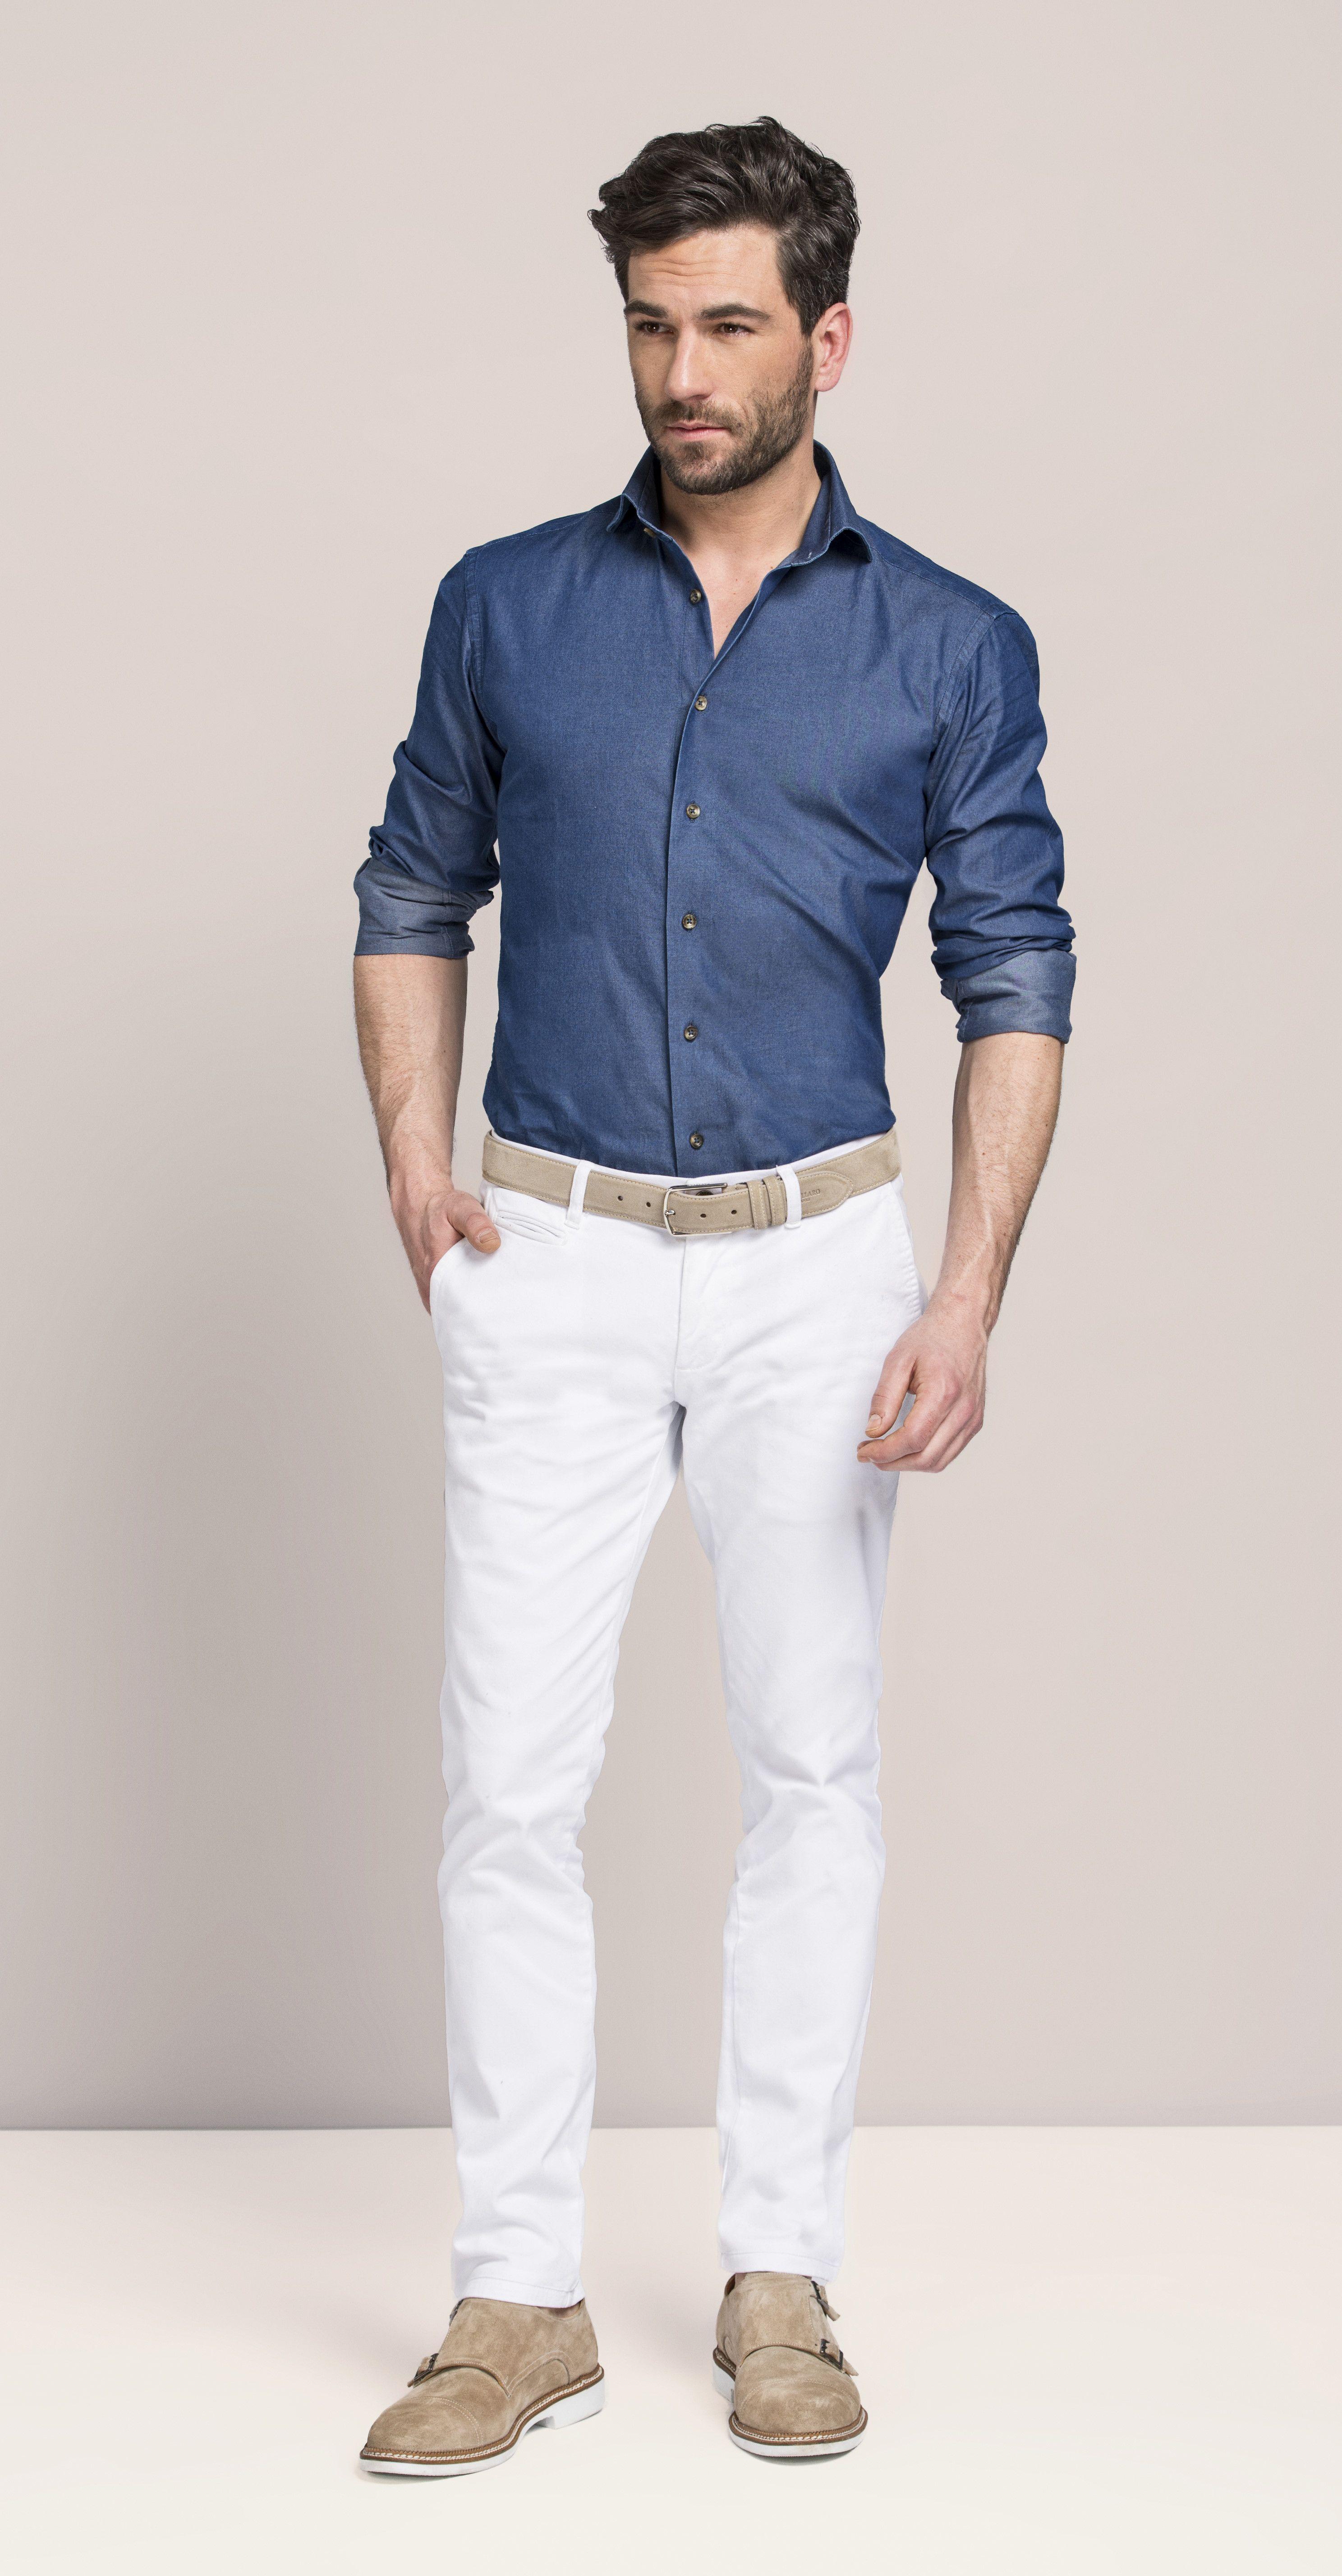 8fdcf9d17ecad Look masculino com camisa social azul